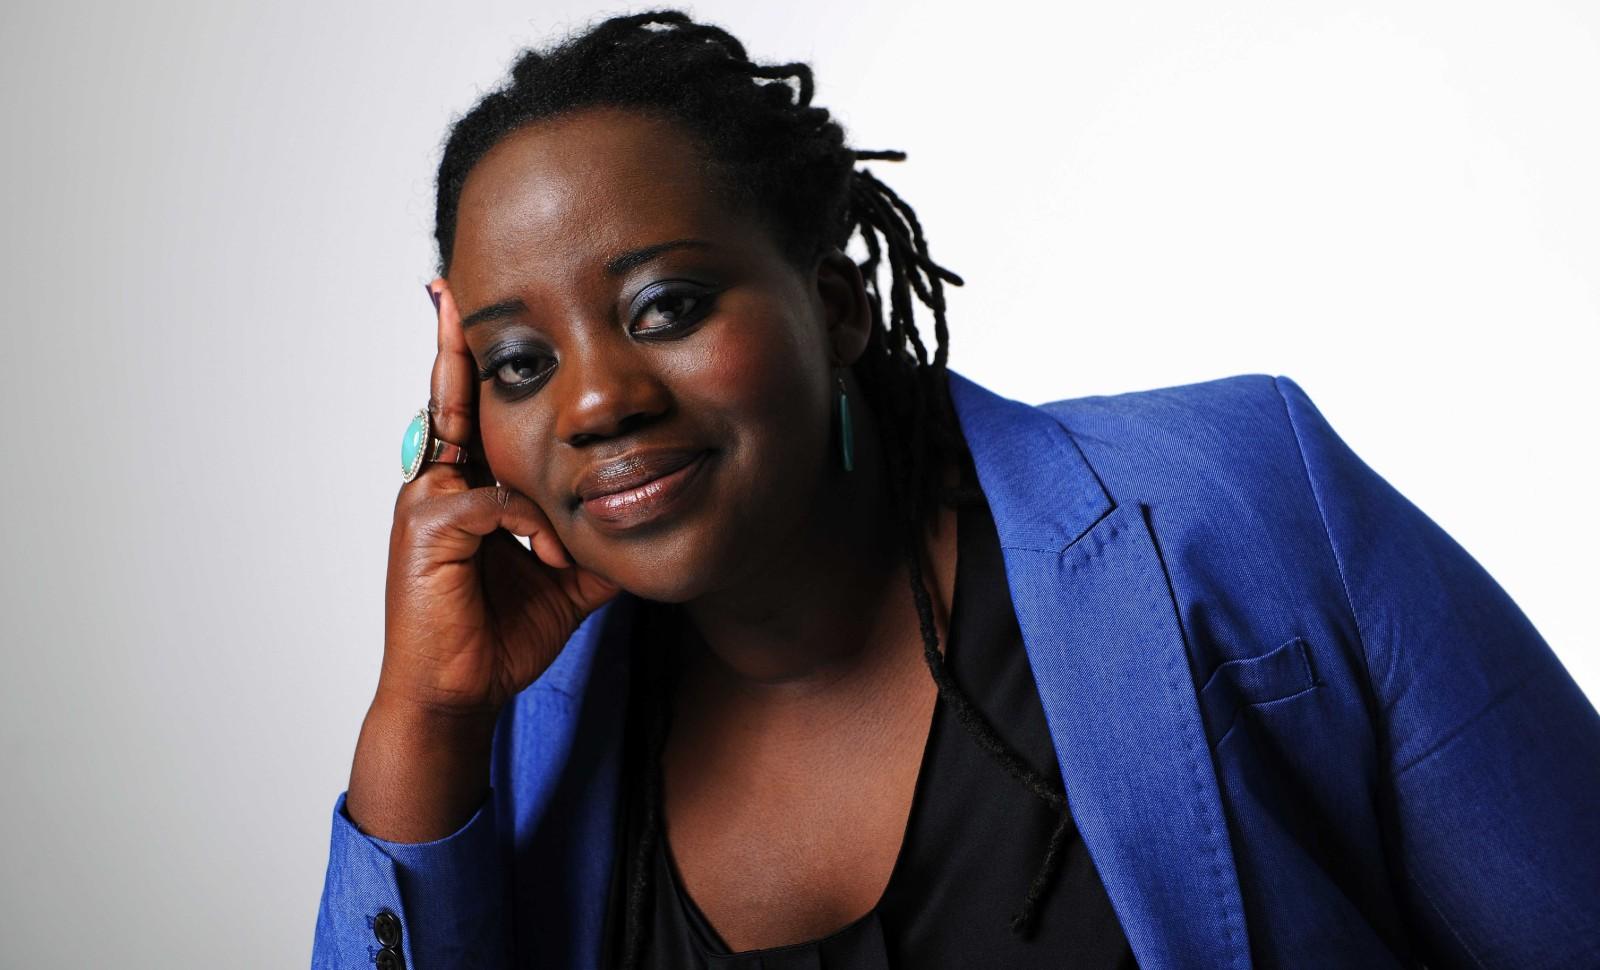 La militante radicale Maboula Soumahoro en 2012 © BALTEL/SIPA Numéro de reportage: 00635163_000038